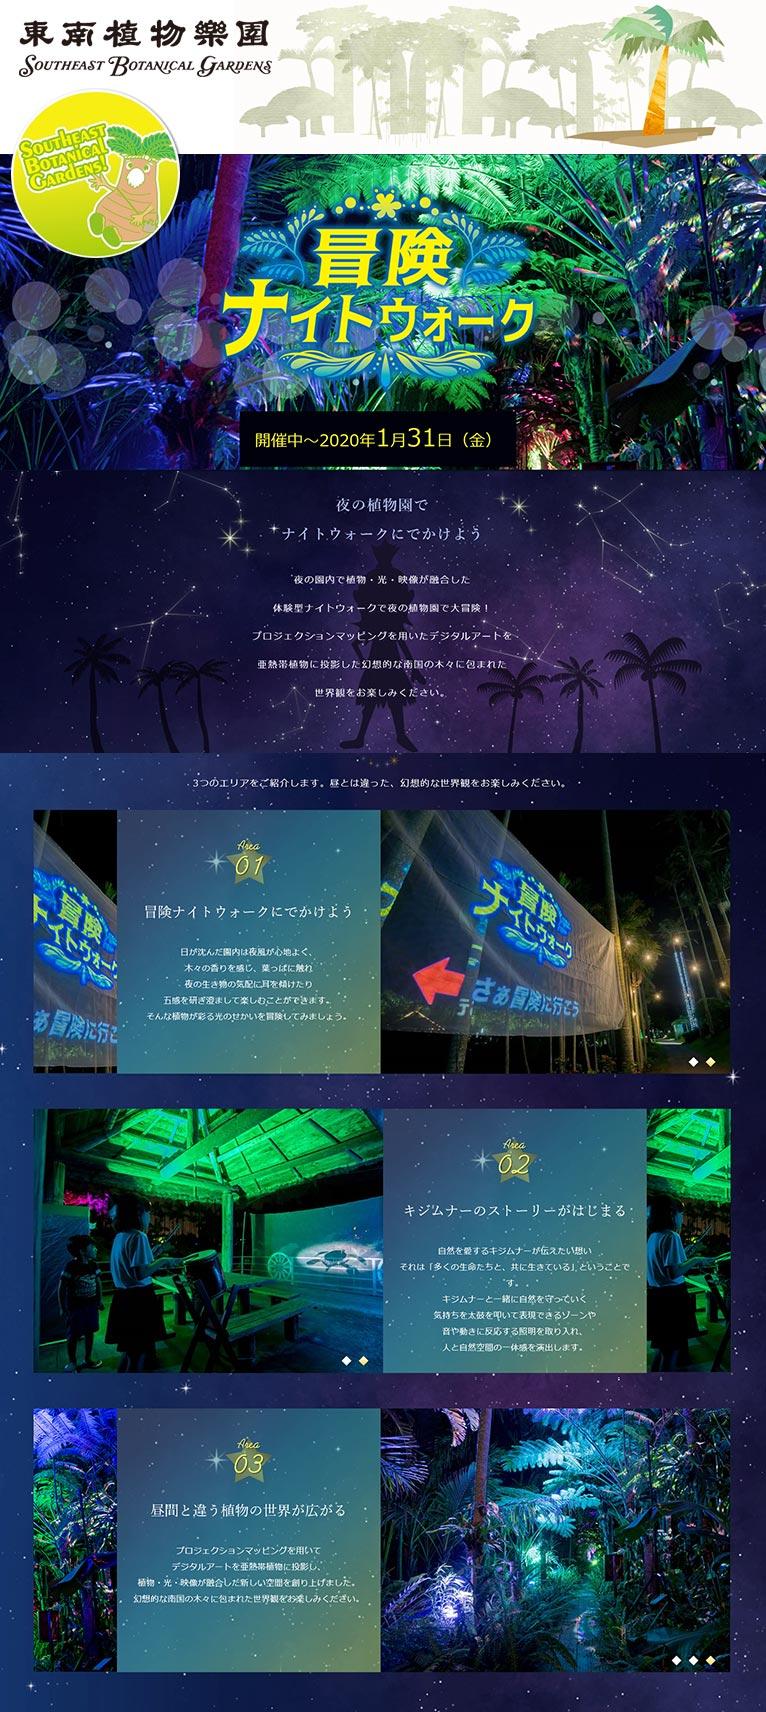 【開催中~2020年1月31日まで】冒険ナイトウォーク東南植物楽園